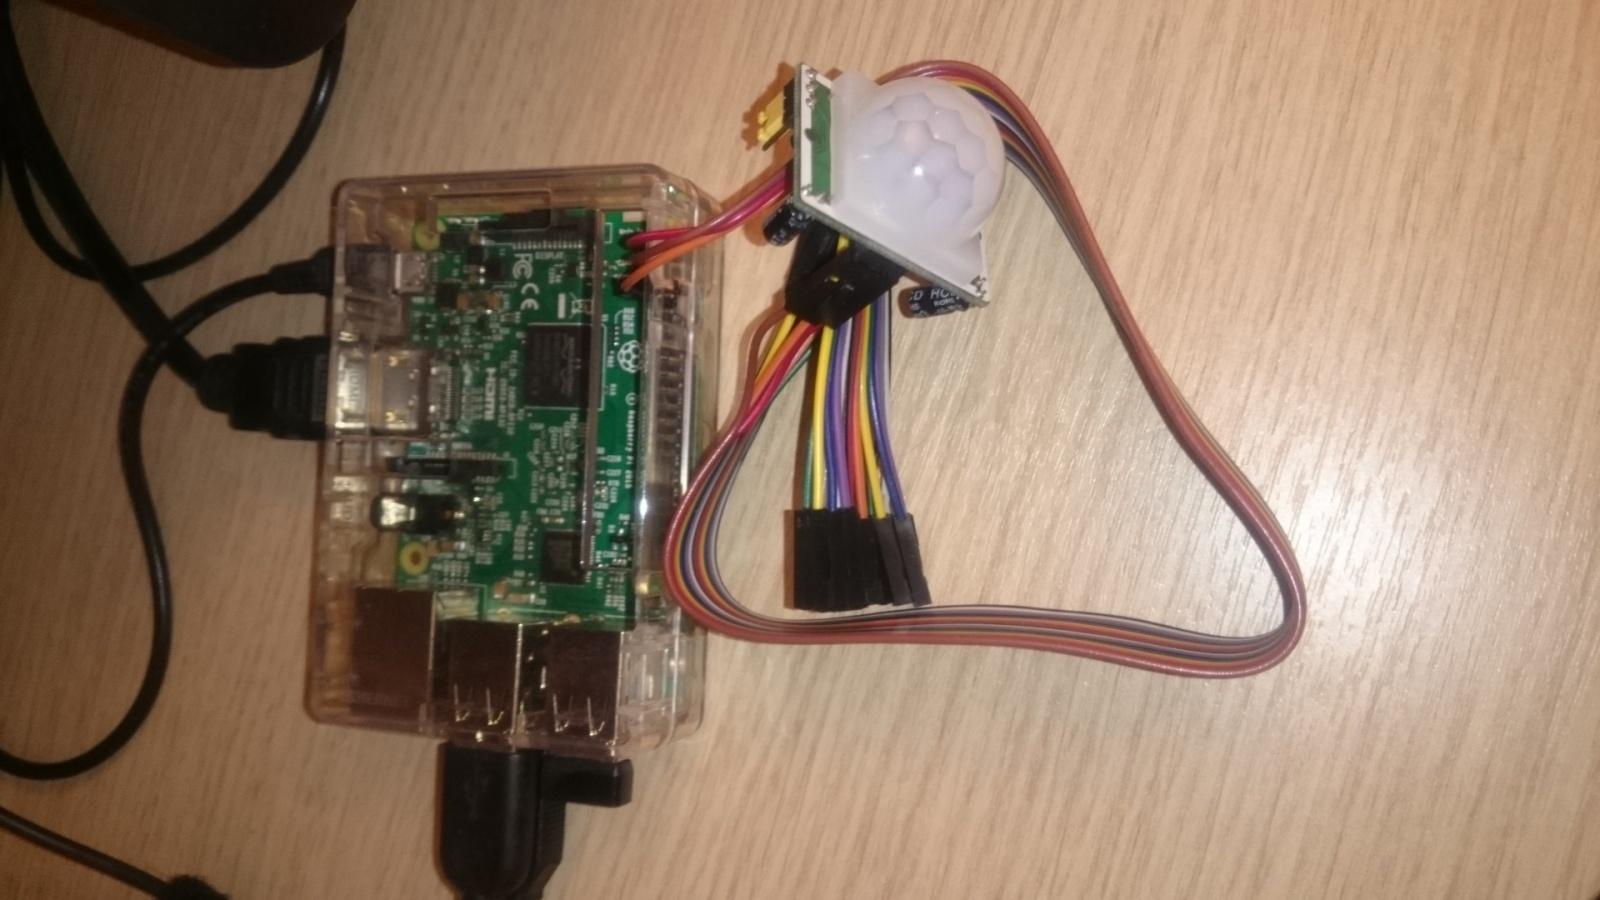 Простой вариант системы видеонаблюдения в помещении с использованием датчика движения и Python на платформе Raspberry - 2